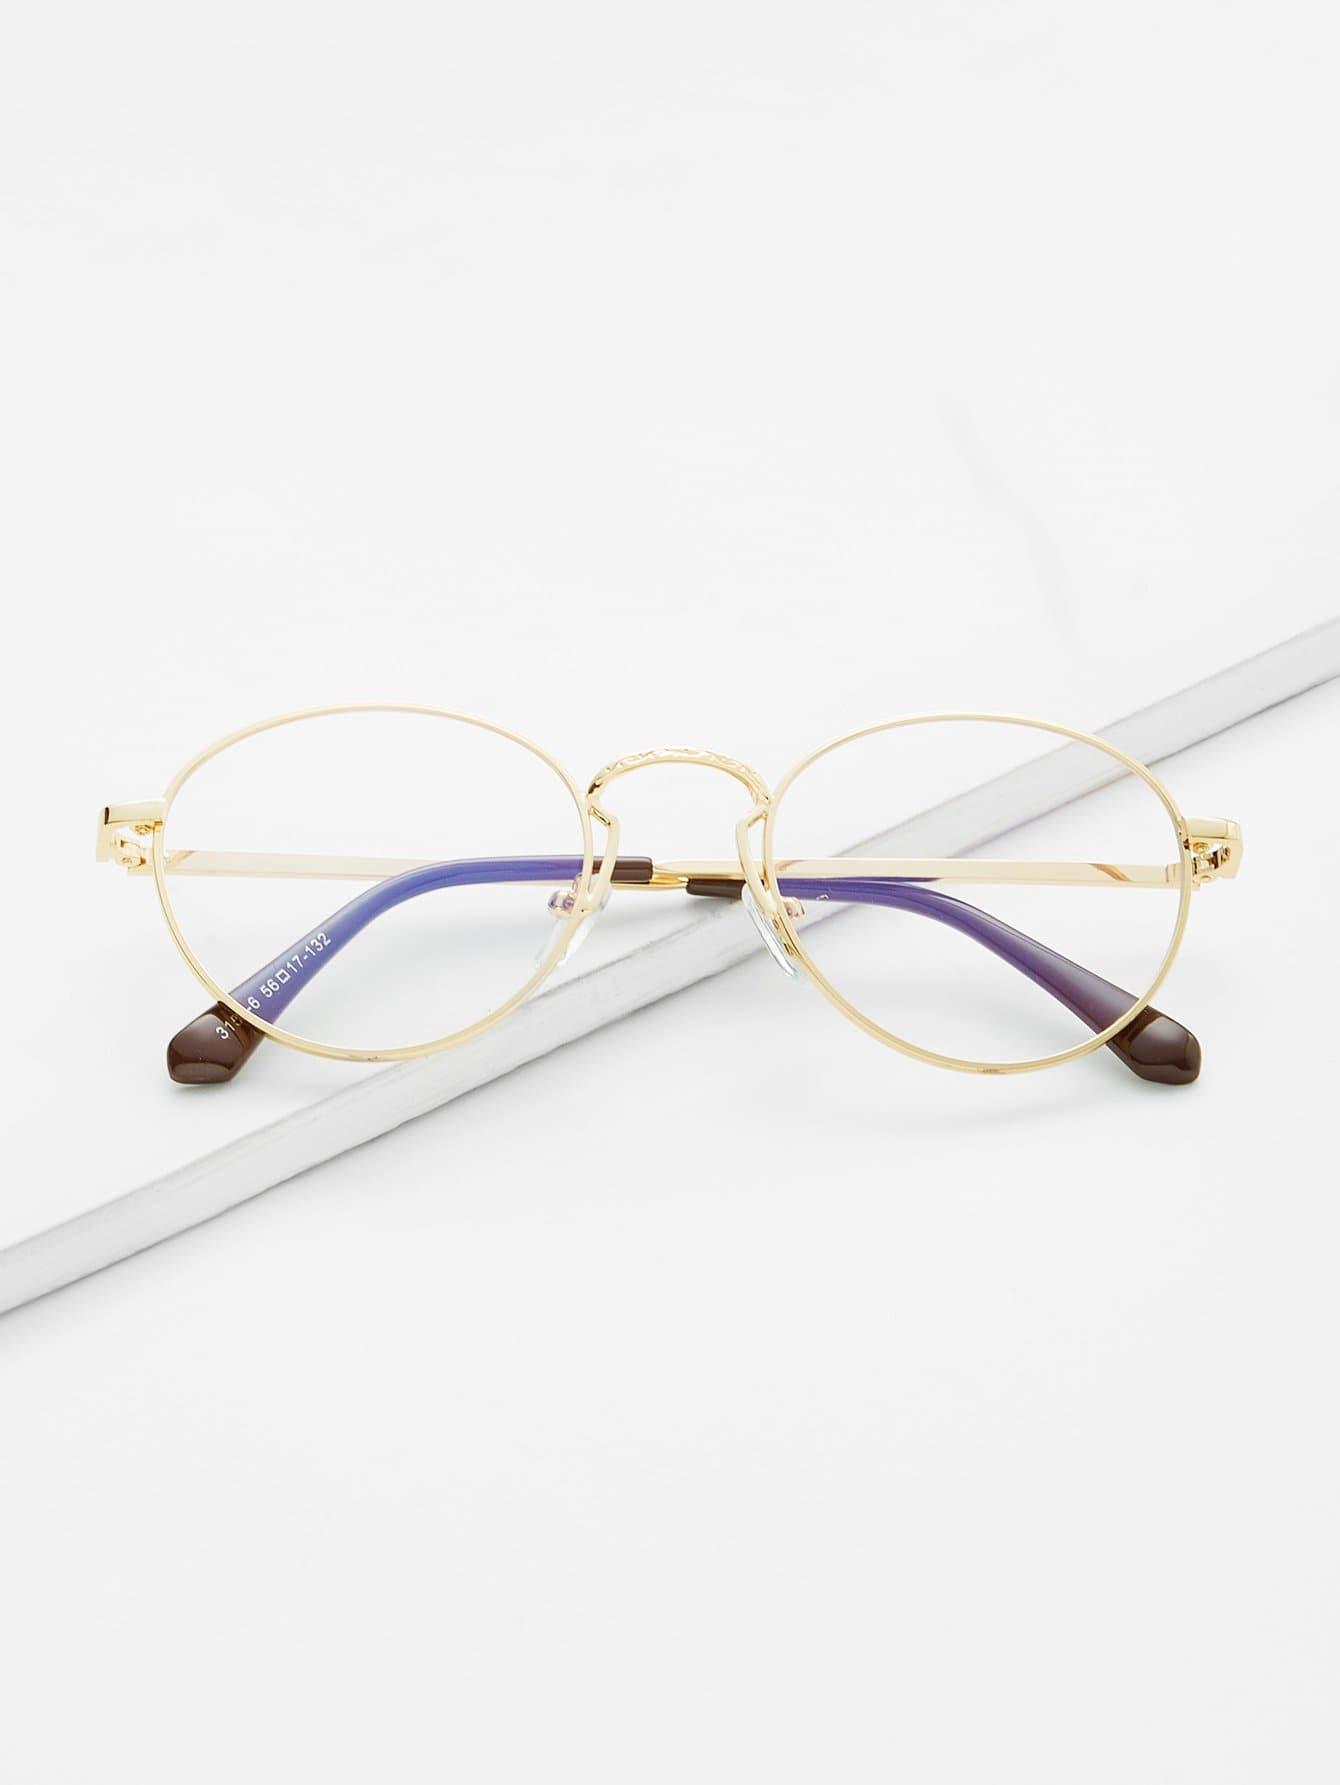 Gold Frame Clear Lens Retro Glasses clear frame cat eye glasses